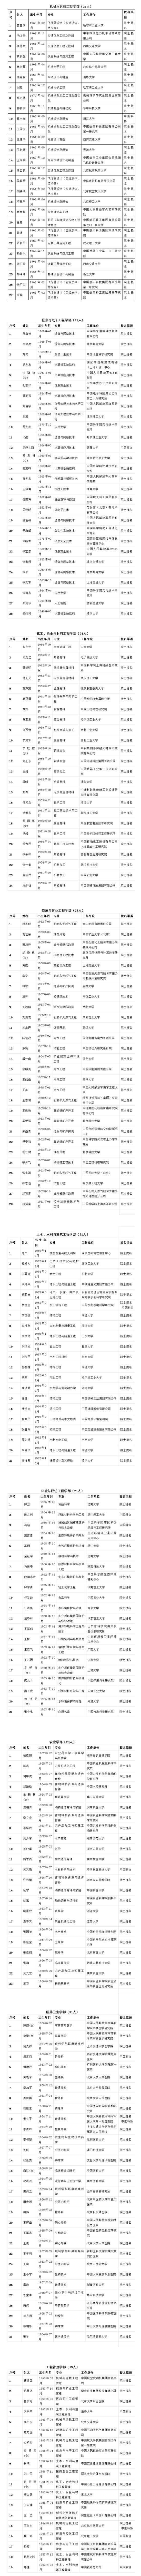 李彦宏、王传福未进入中国工程院院士增选次轮评审